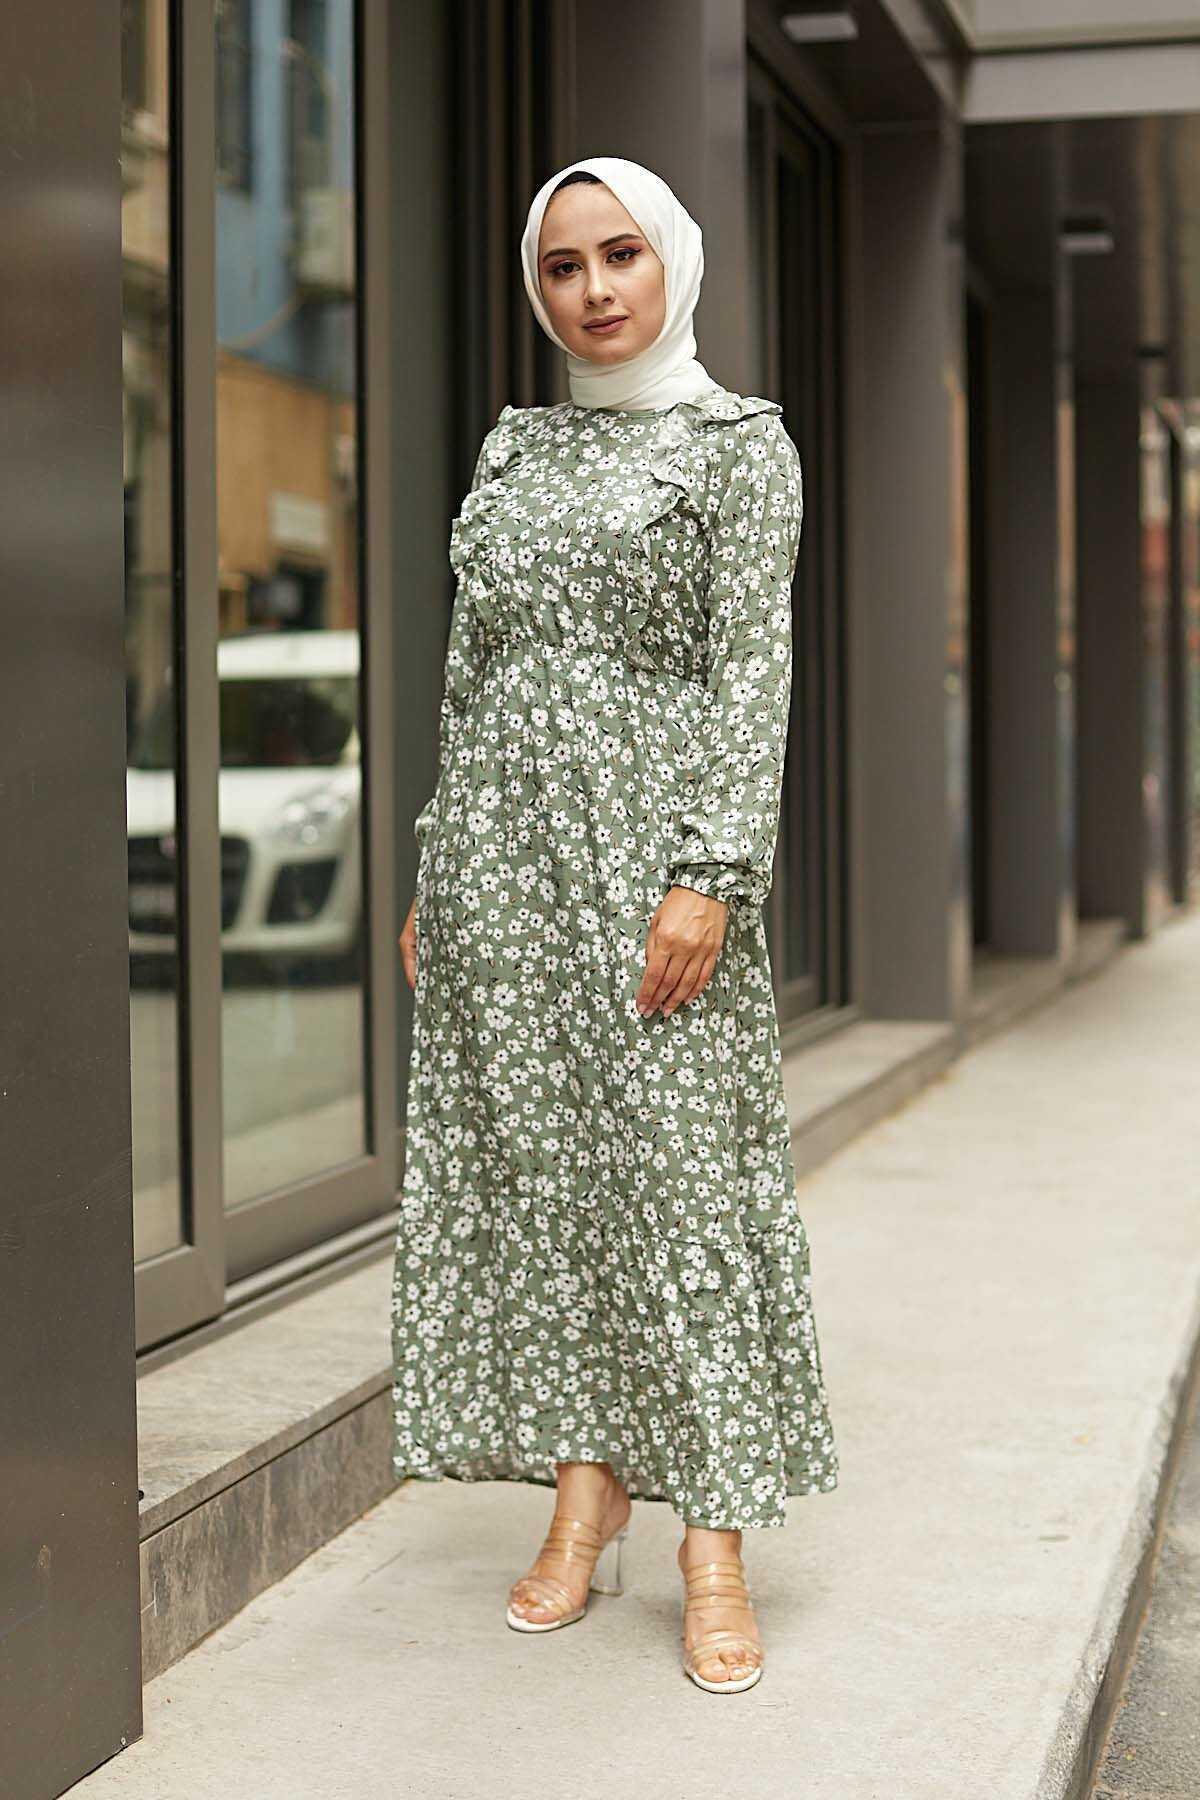 Eliza Moda Tesettür Çiçek Desenli Yazlık Elbise Modelleri